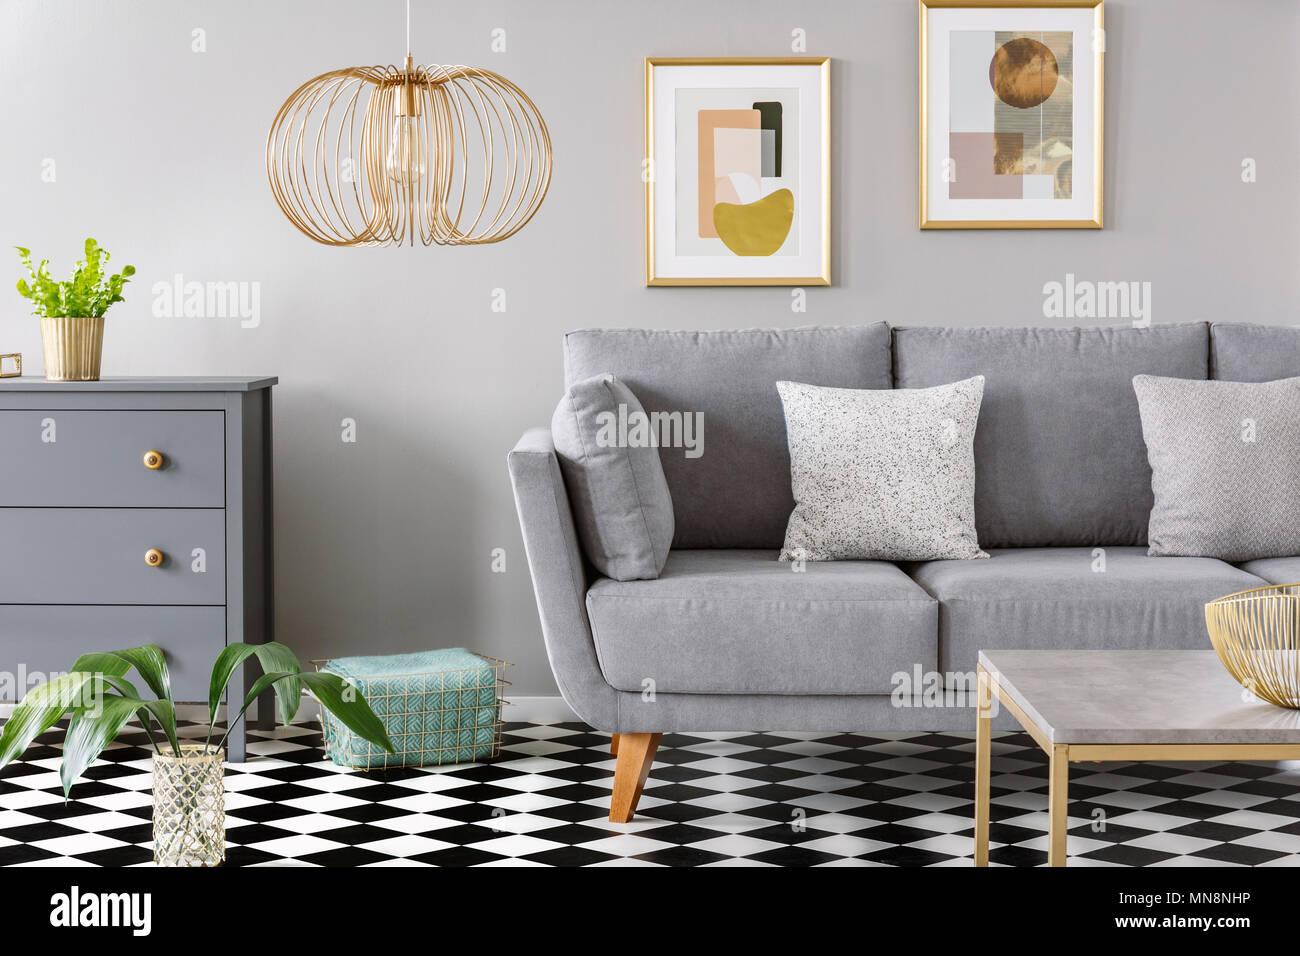 Gold Lampe In Grau Wohnzimmer Interieur Mit Poster Uber Dem Sofa Auf